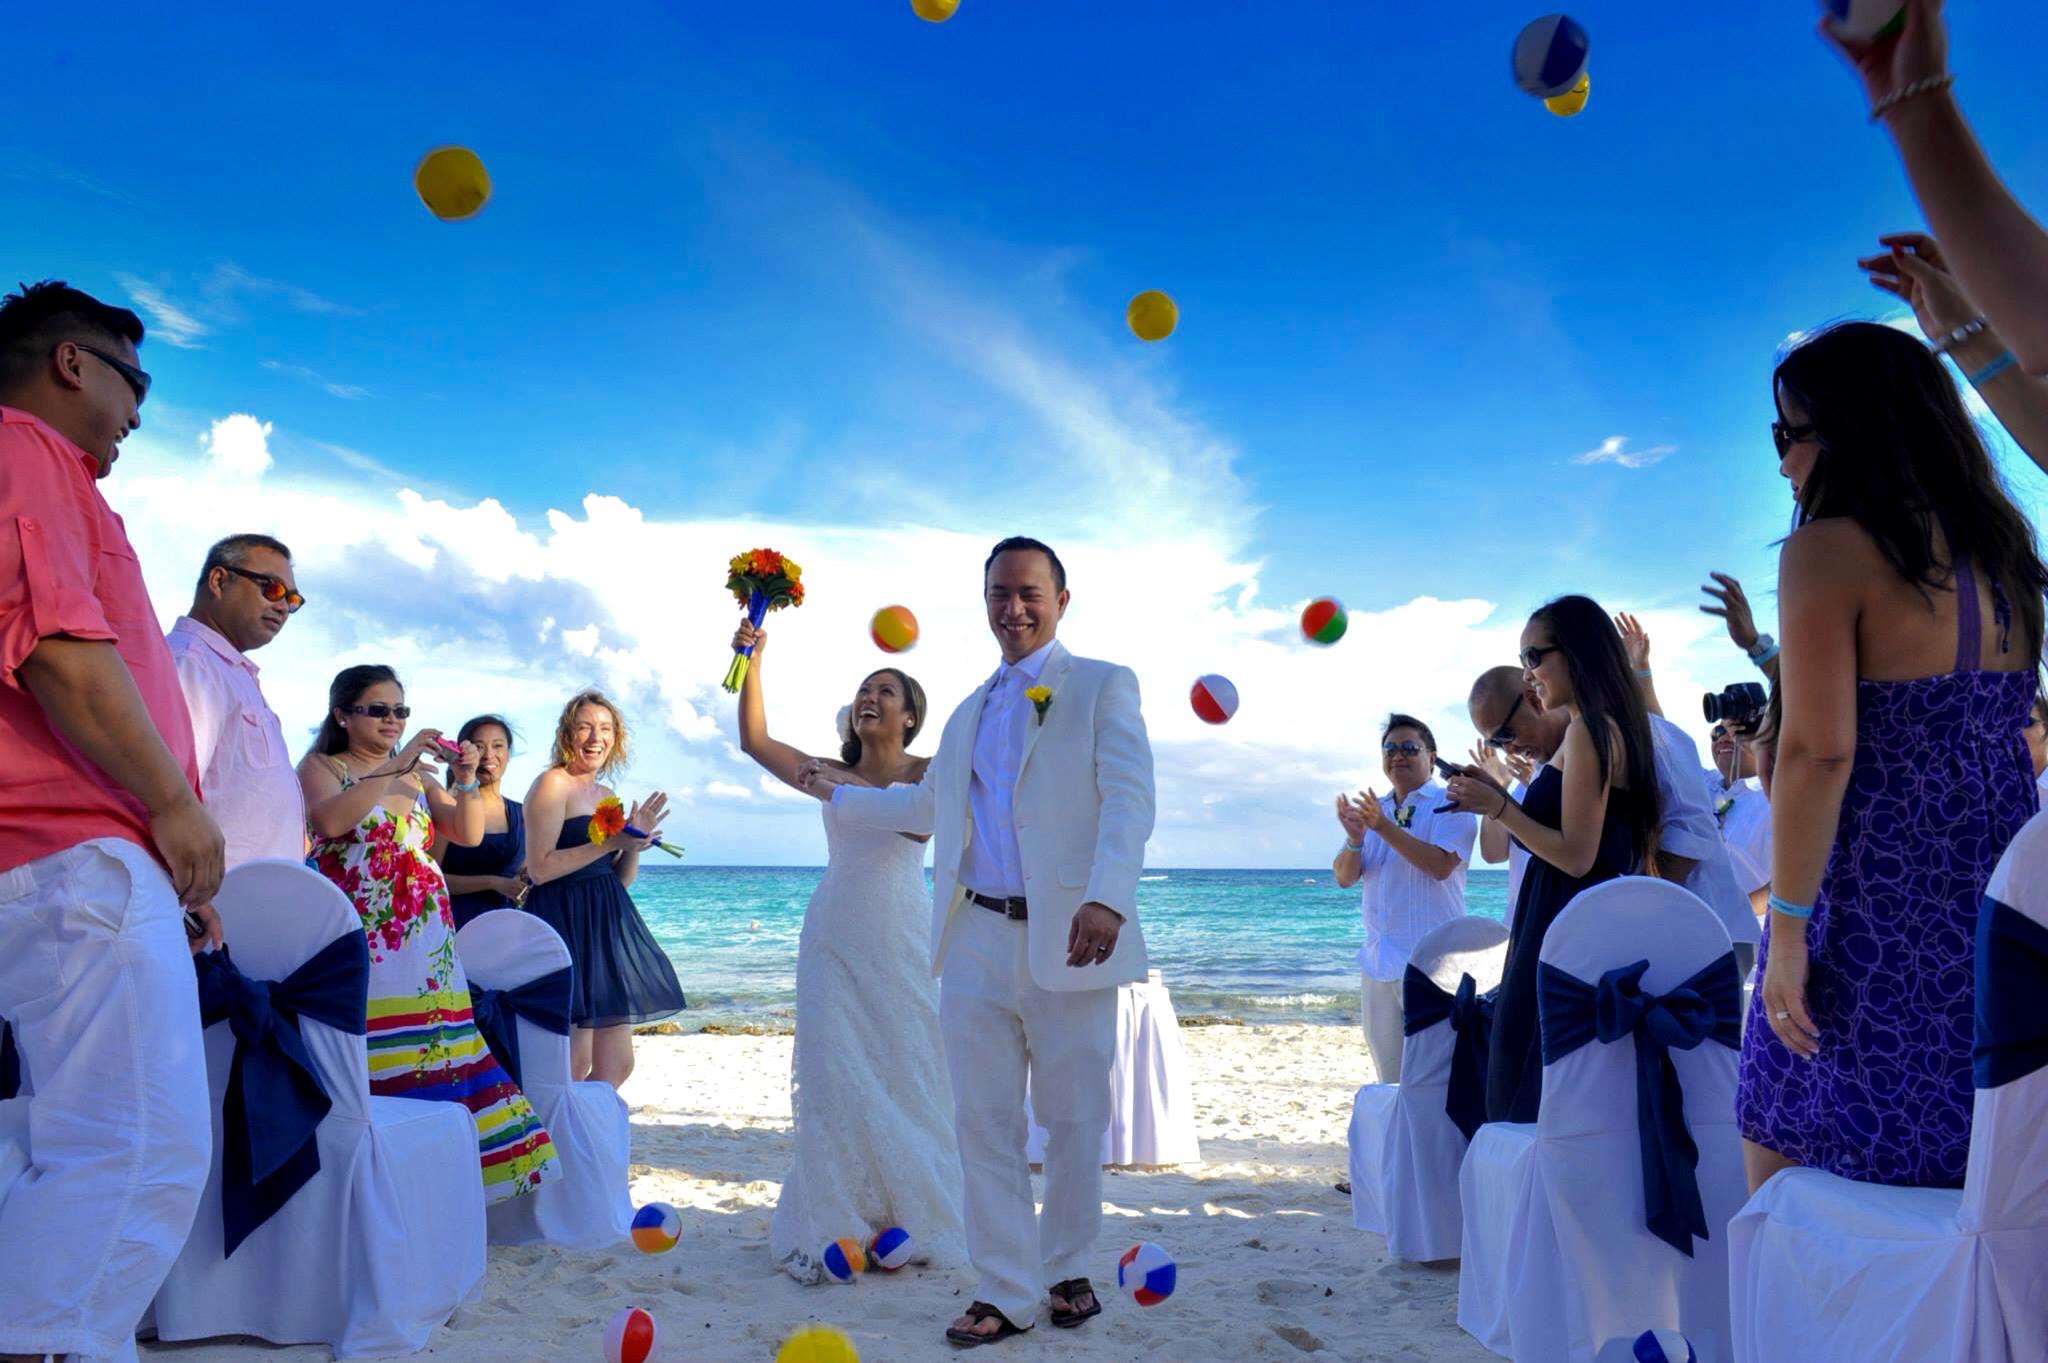 5 dicas de como se vestir em um casamento na praia